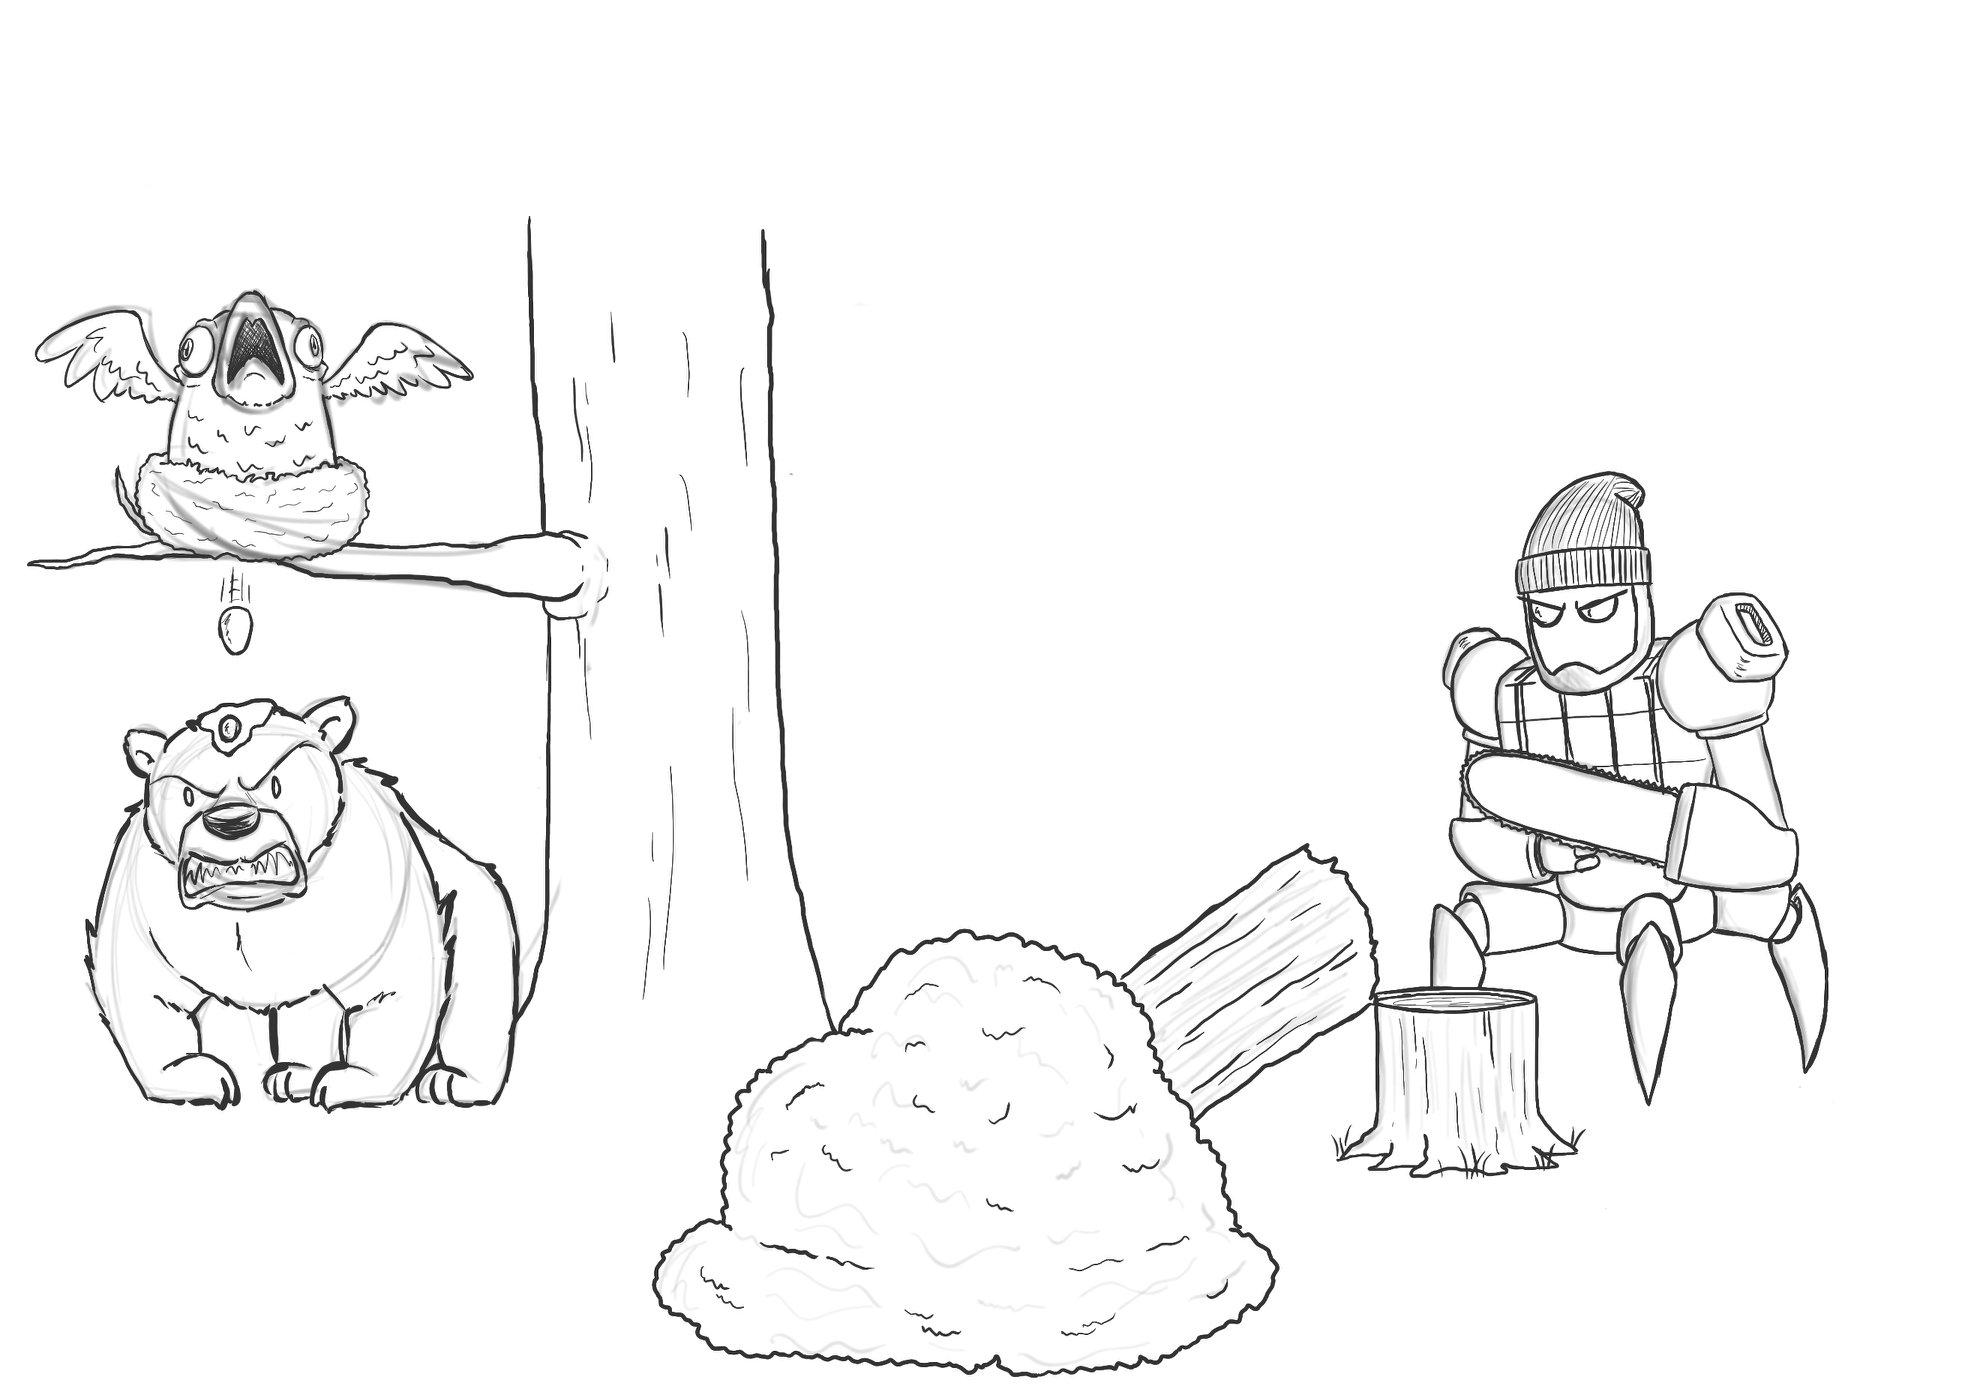 Artista passa um mes acrescentando um personagem por dia em seu desenho 4